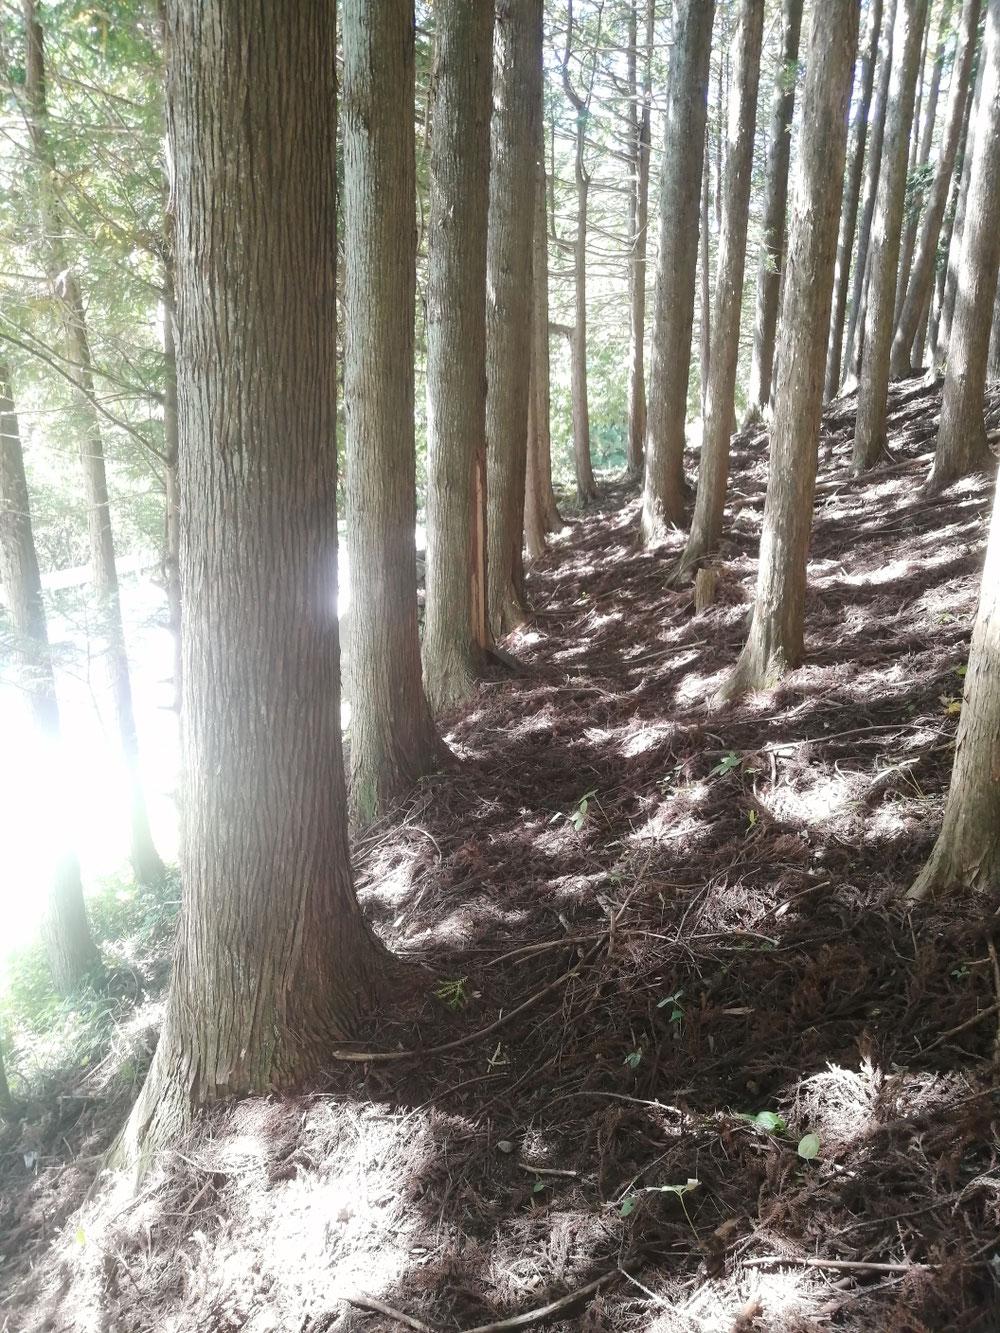 歩道がほとんどないので、道幅が狭い道では、少し林の中へ入ったり・・